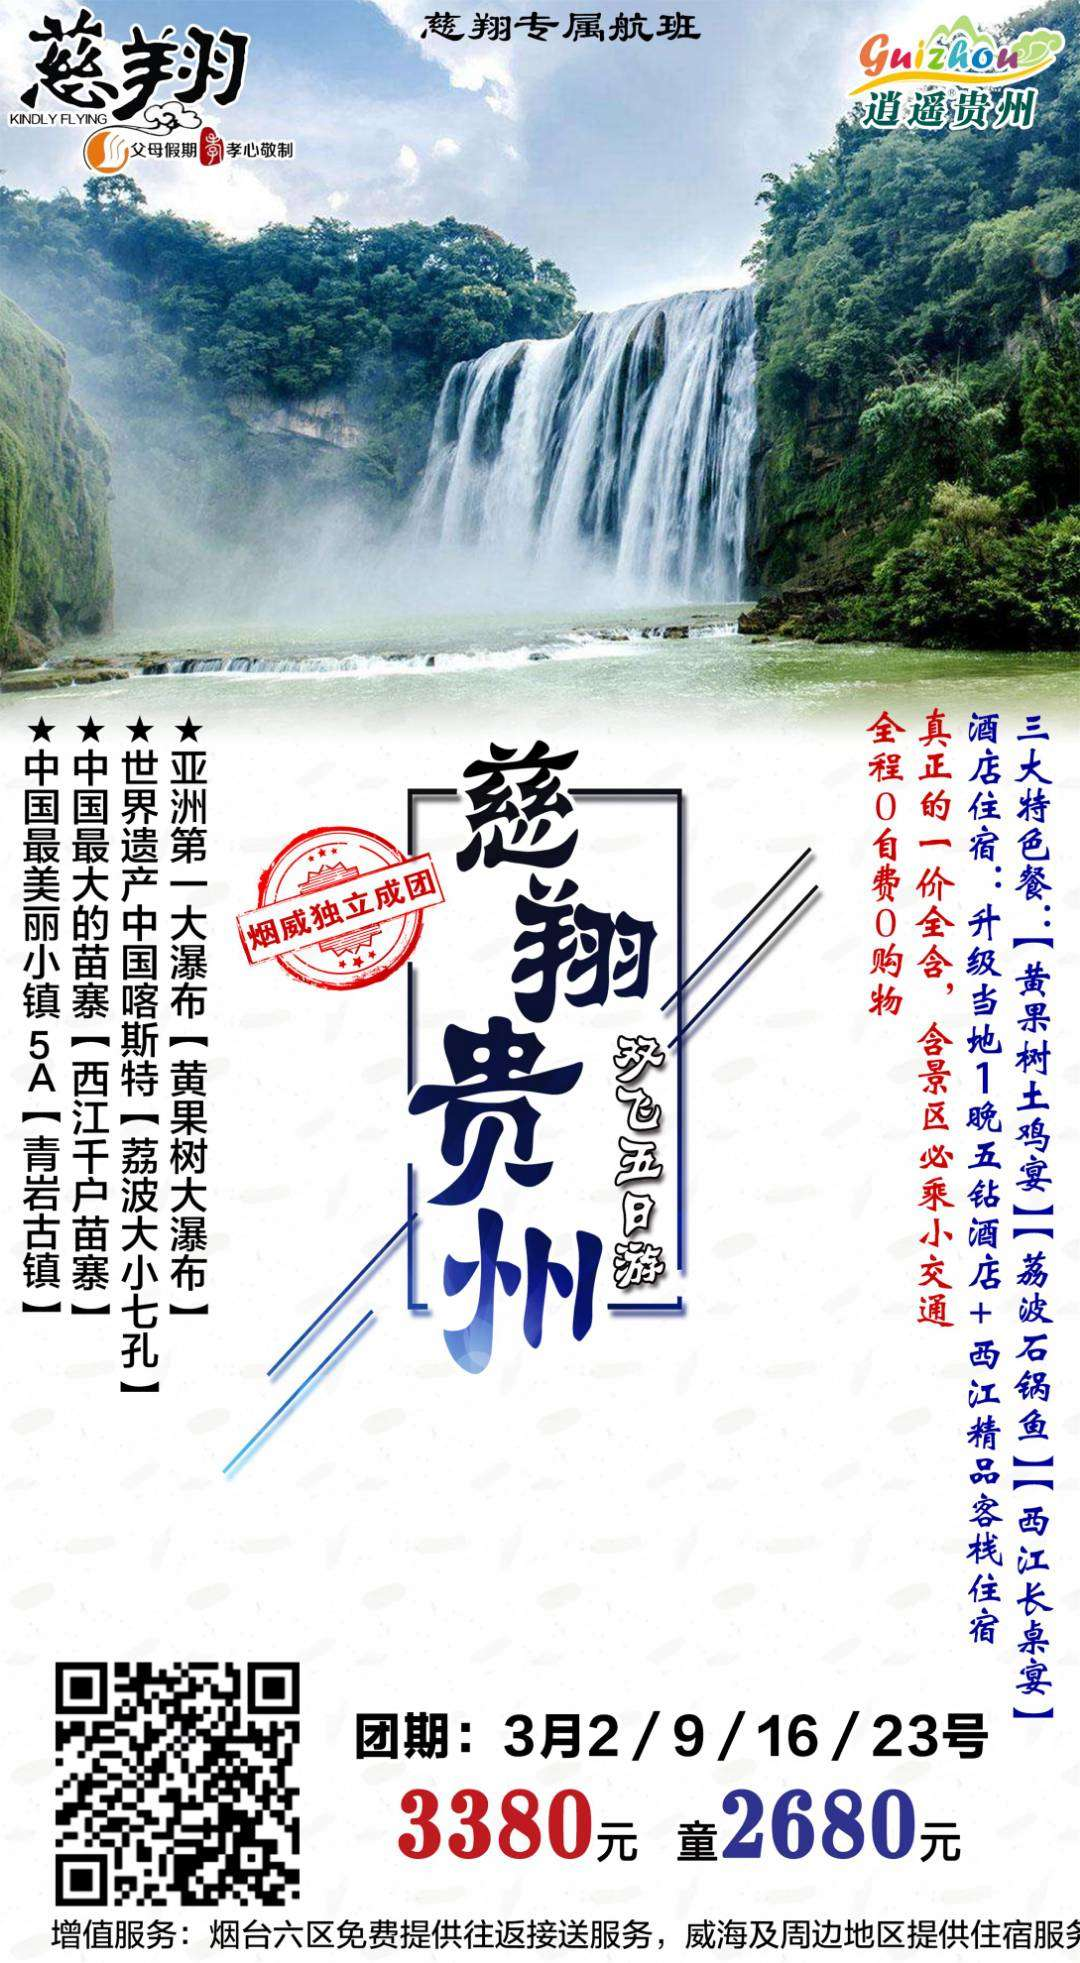 慈翔贵州 双飞五日游 独立成团 全程0自费0购物